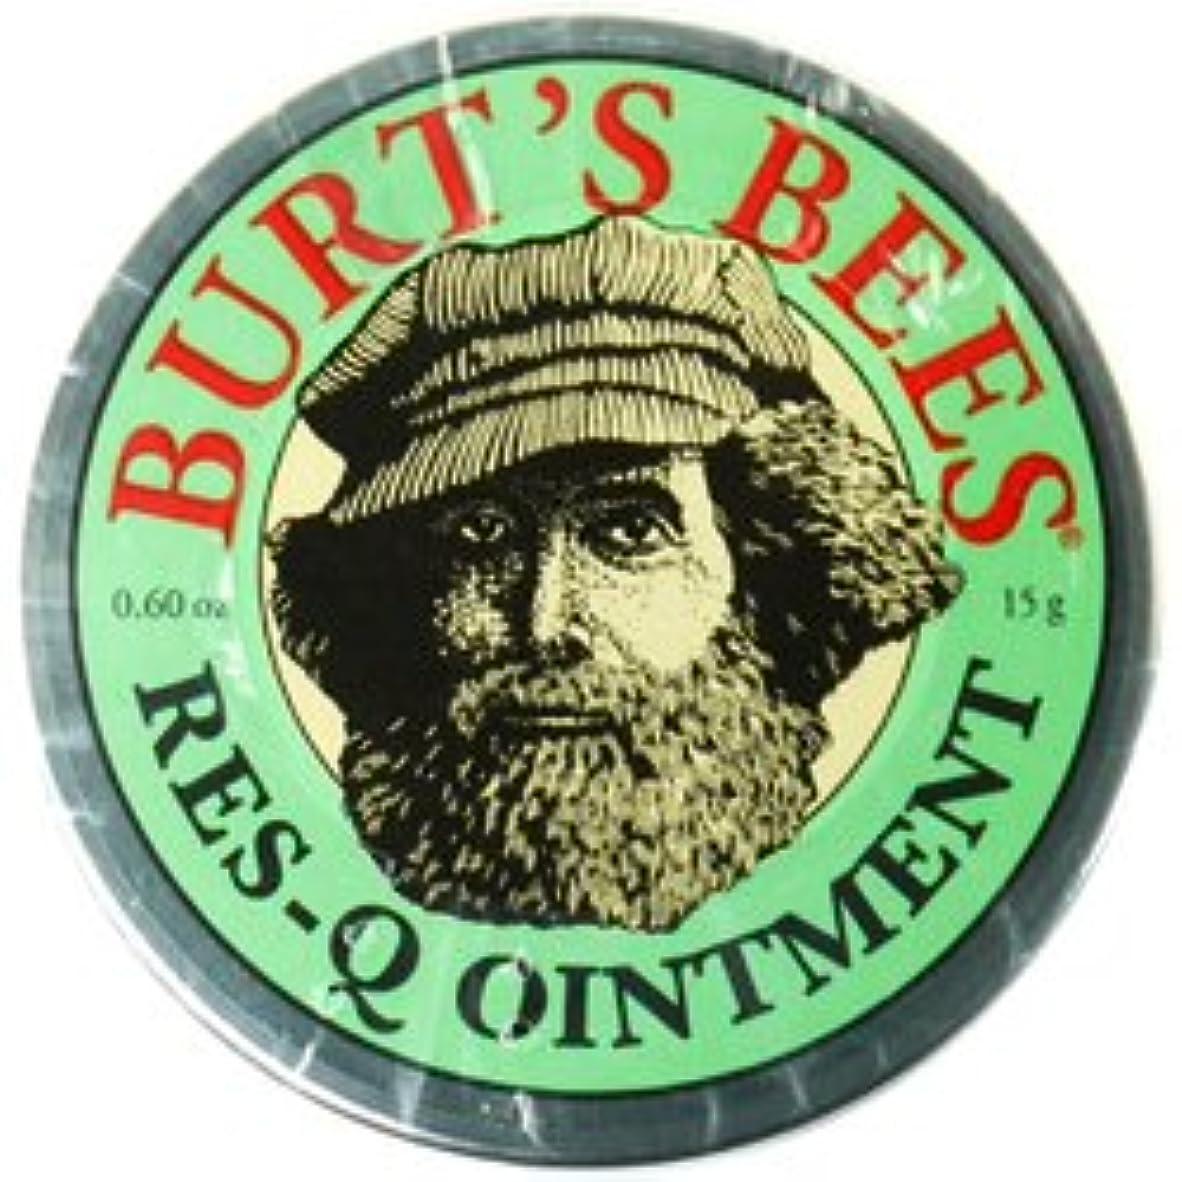 信号感嘆符渦バーツビーズ Burts Bees レスキュー オイントメント 15g 【並行輸入品】